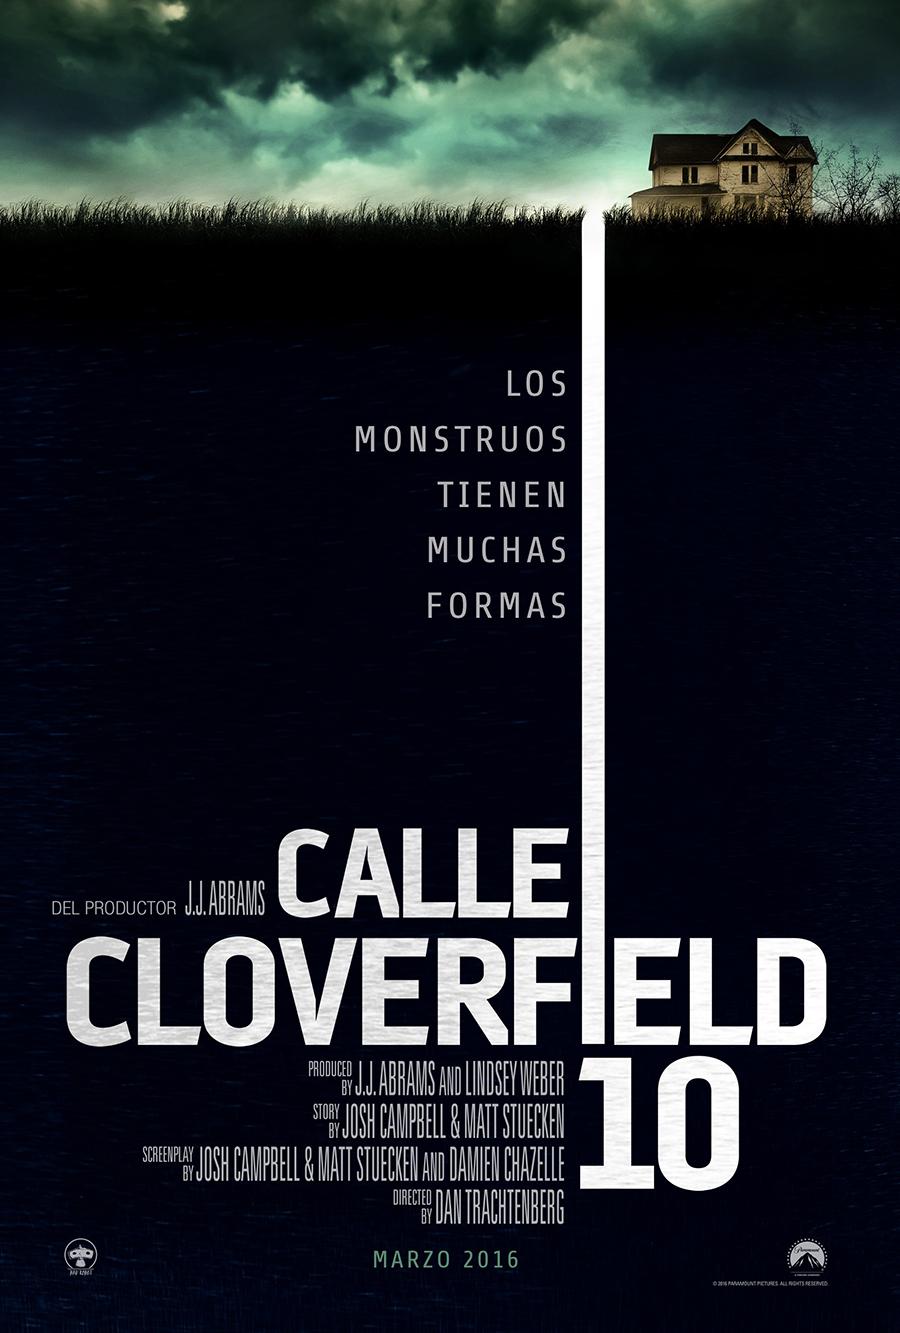 Calle Cloverfield 10 -Teaser poster